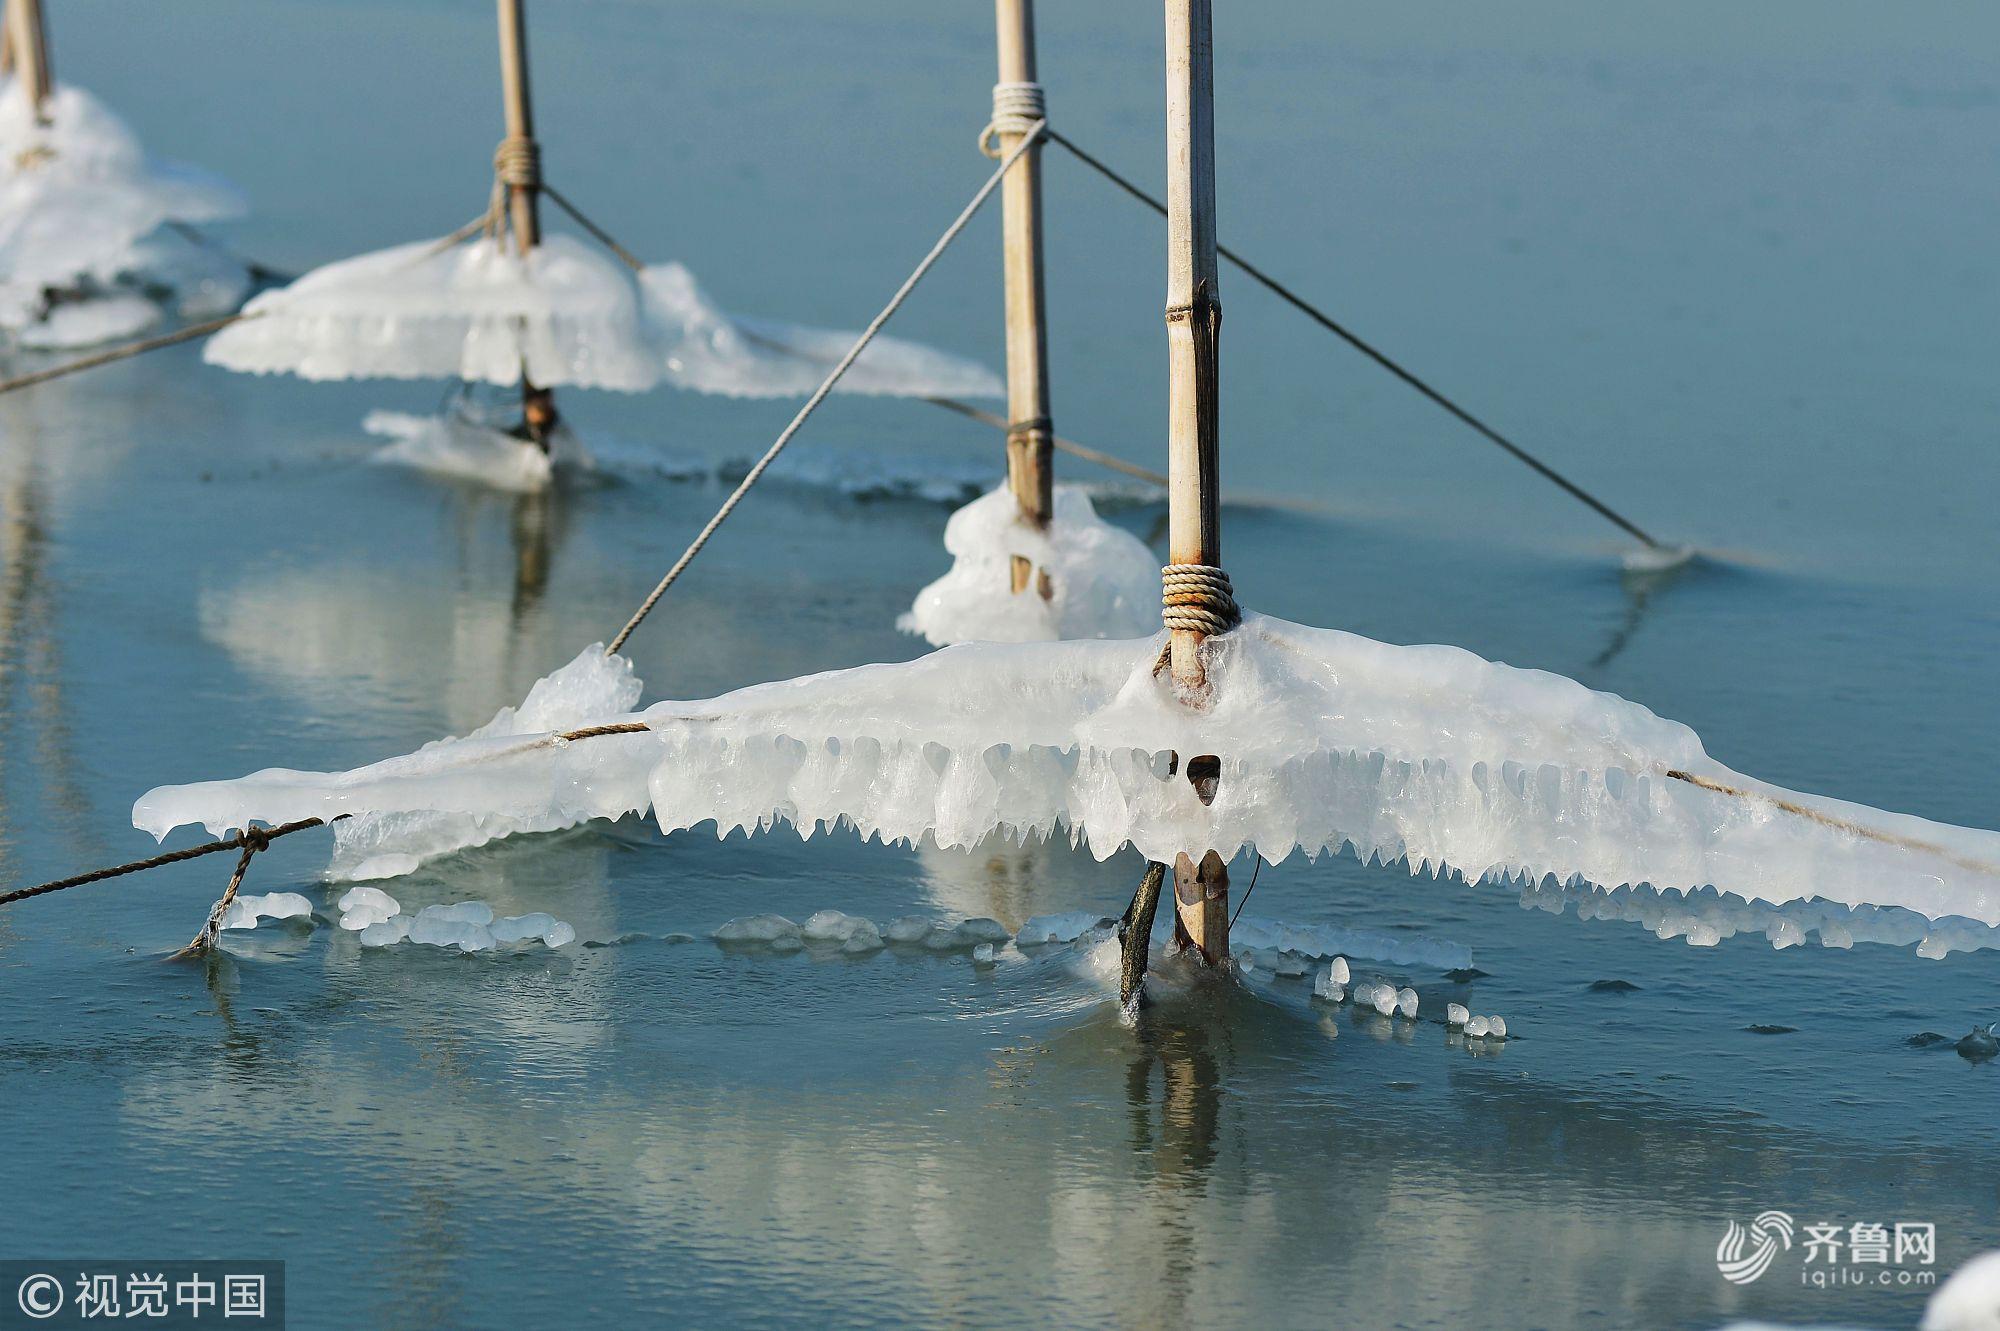 山东青岛:寒潮持续 多日出现海冰冻住渔船 对出海作业渔船构成影响